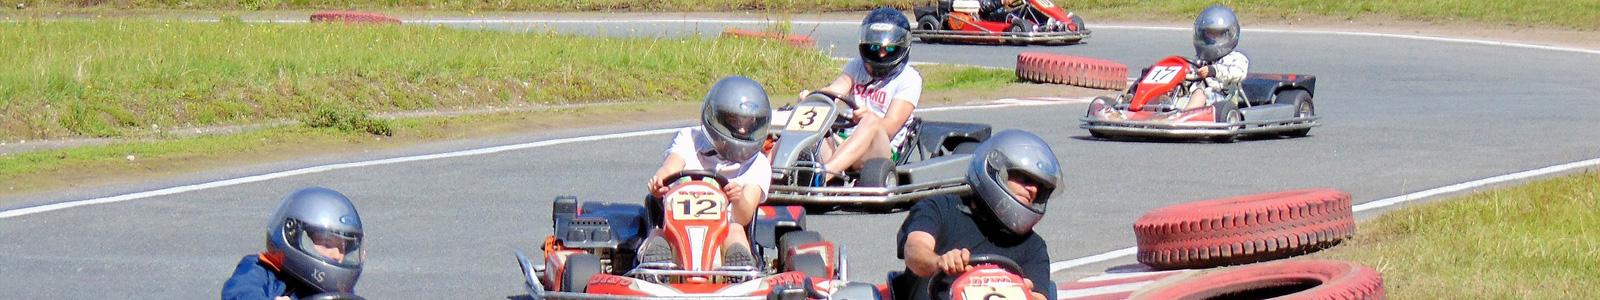 Varias personas disfrutando de una carrera de karts